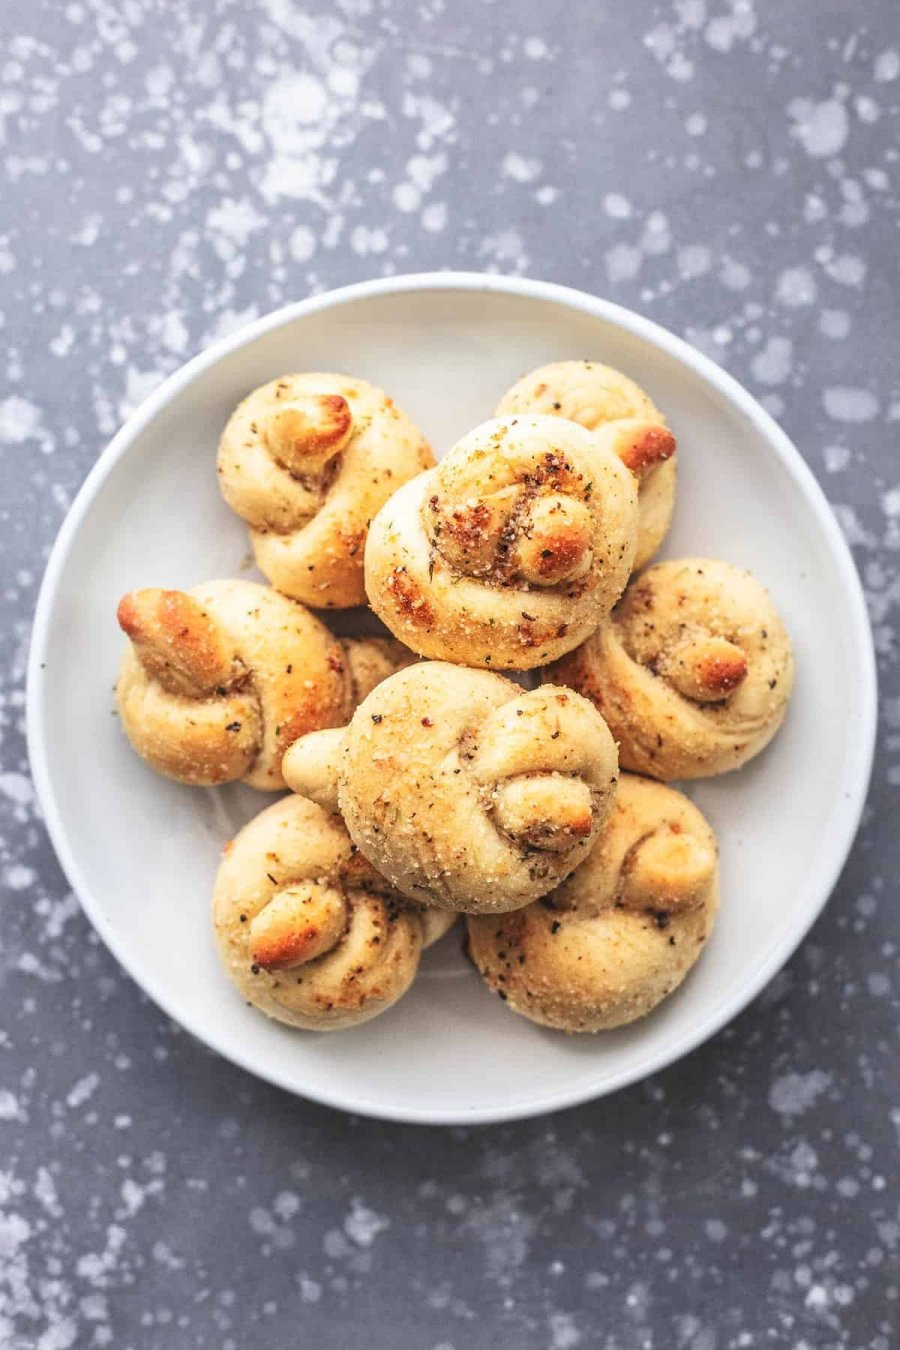 Easy Homemade Garlic Parmesan Knots Recipe | lecremedelacrumb.com